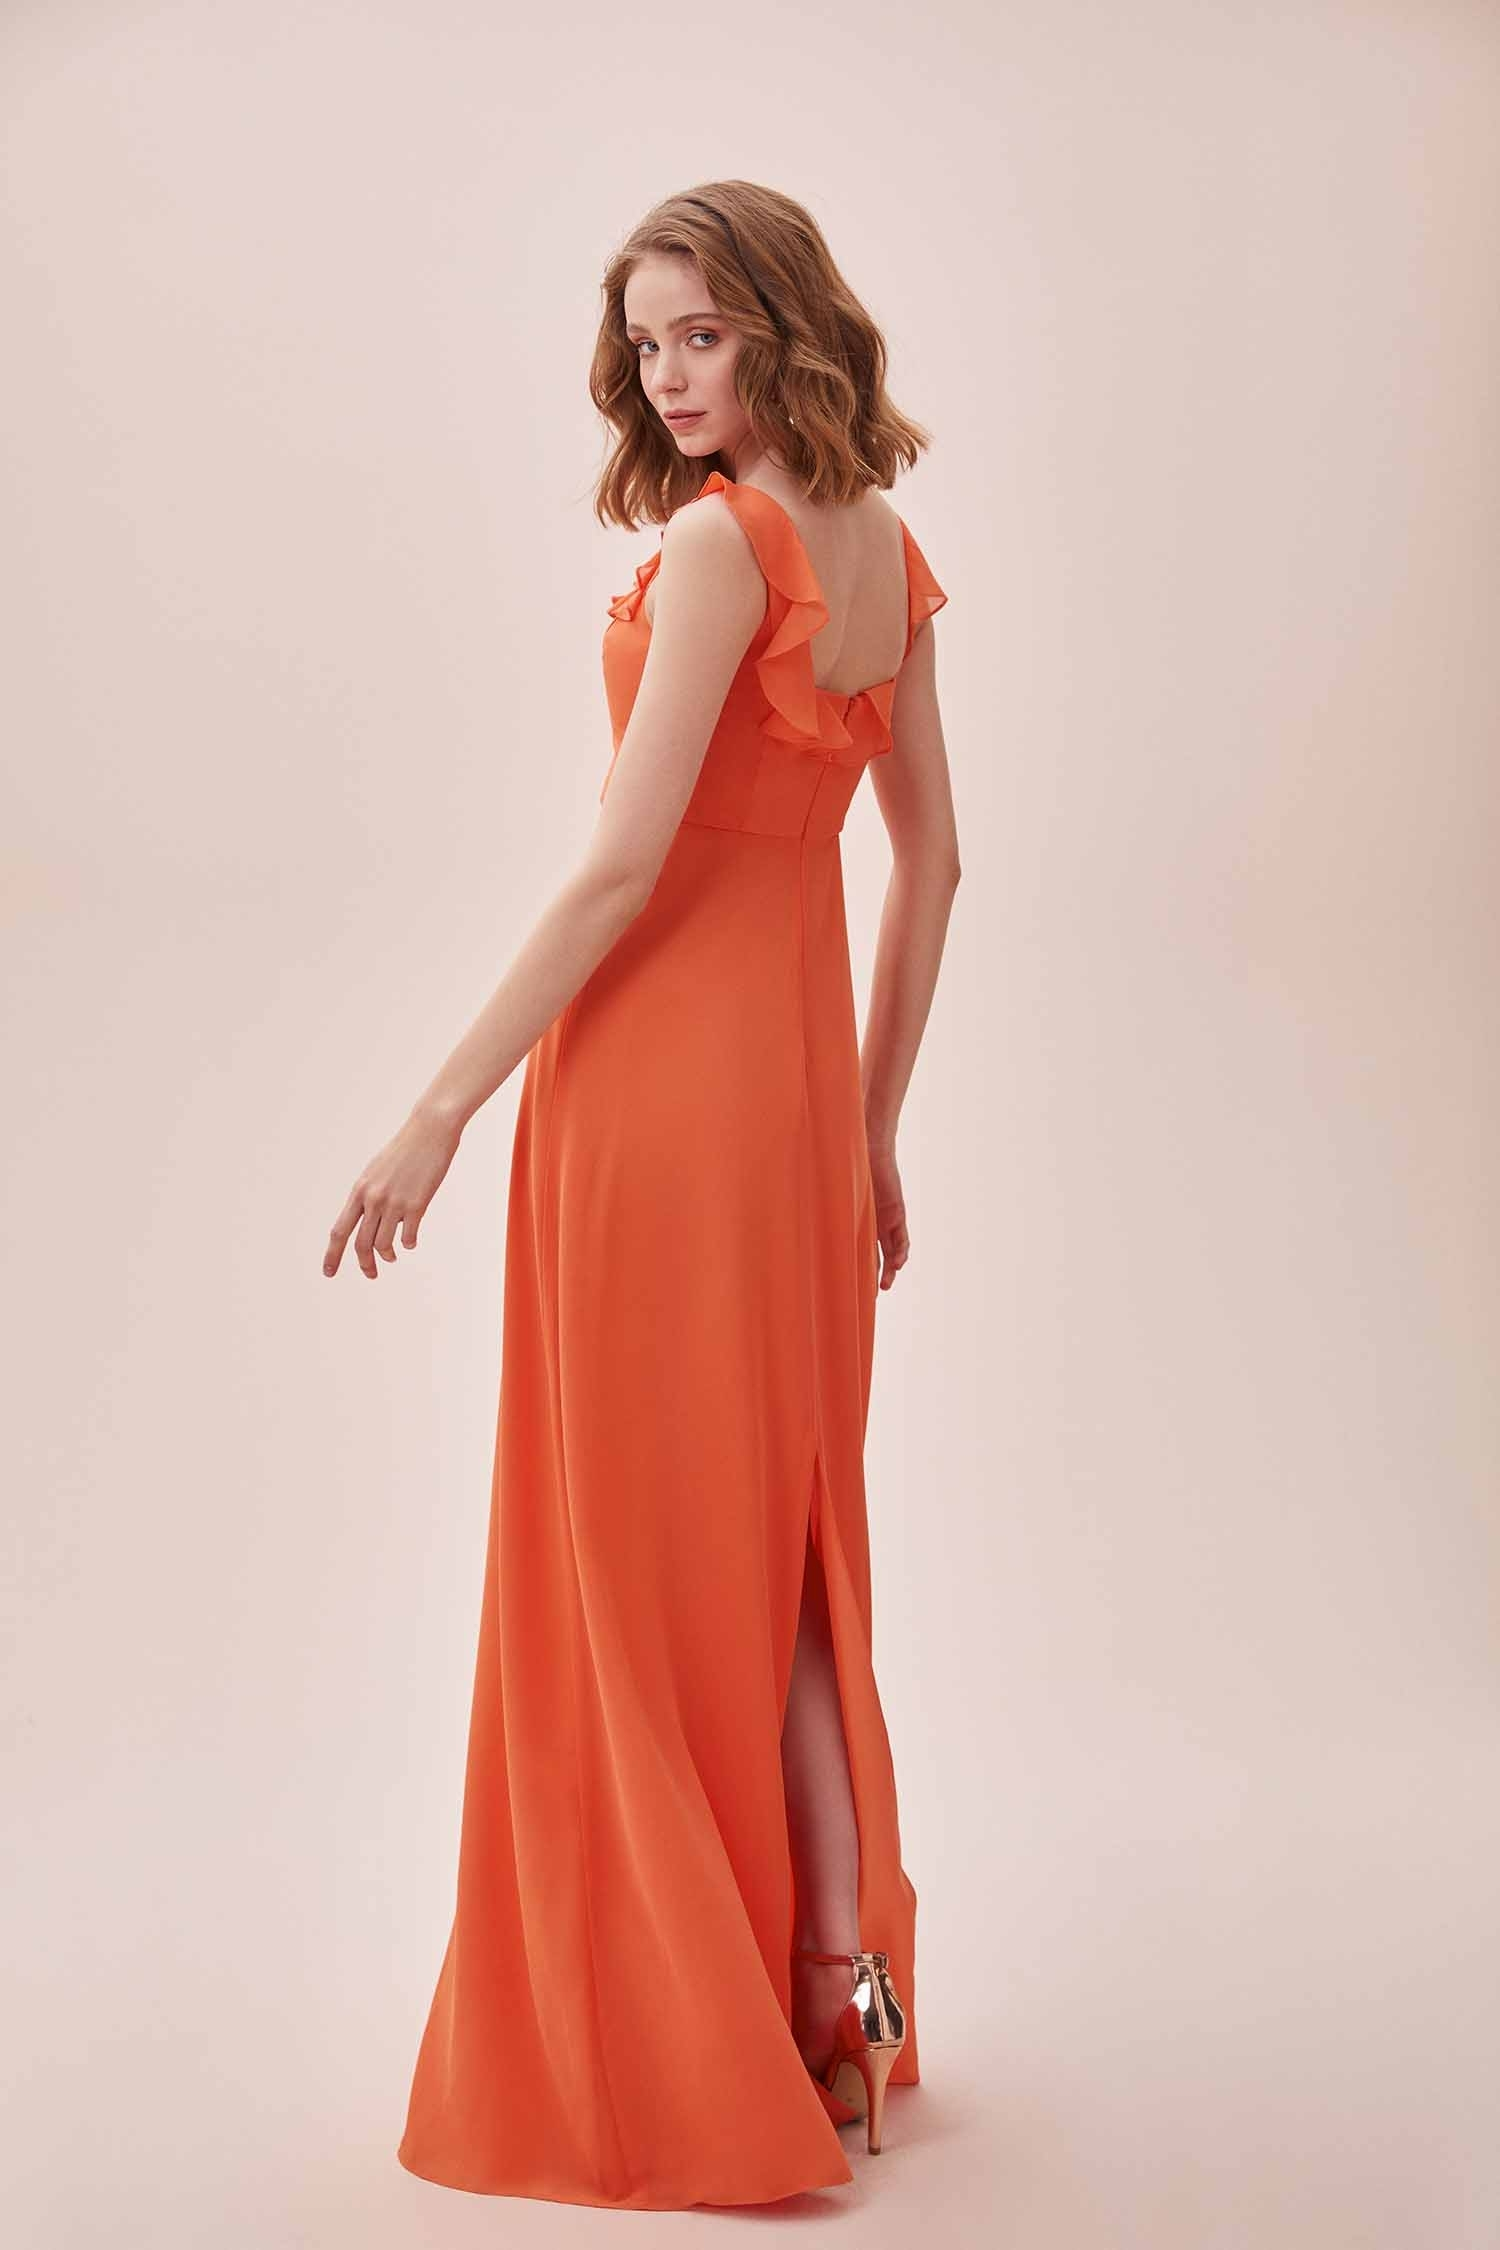 Turuncu Fırfırlı Kare Yaka Şifon Uzun Elbise - Thumbnail